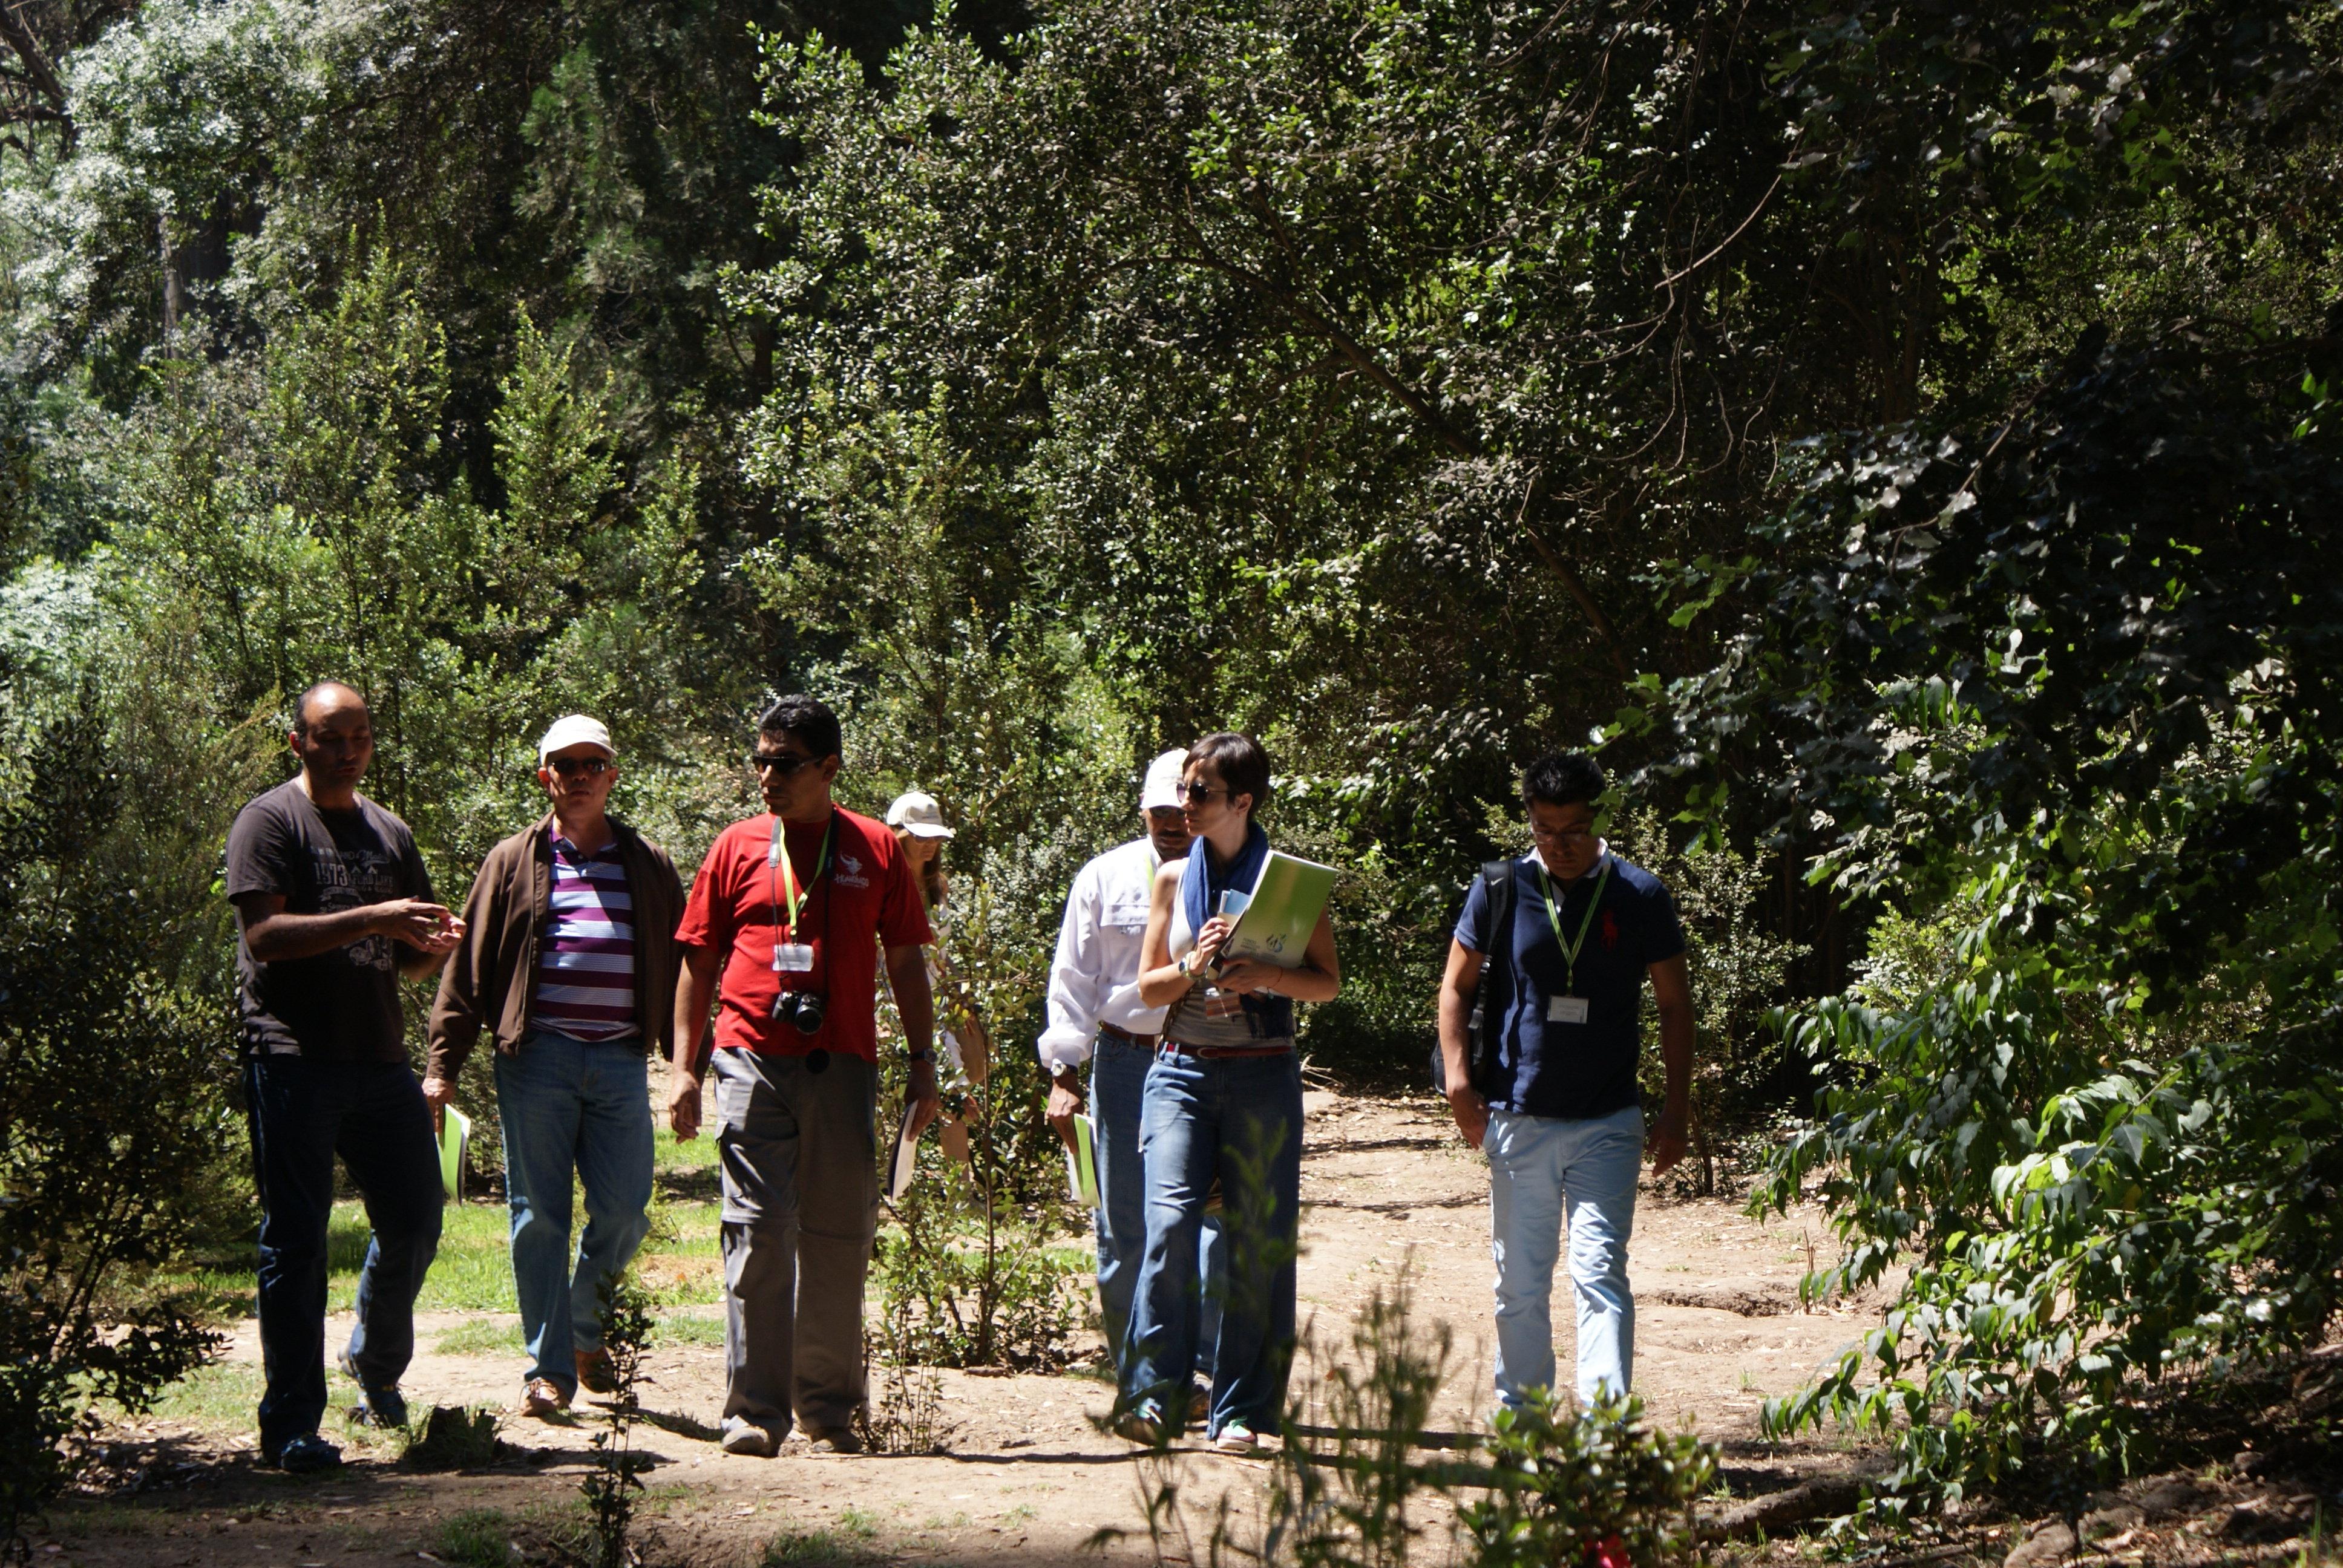 Ministerio del Medio Ambiente invita a la comunidad a postular al Fondo de Protección Ambiental Áreas Verdes 2019